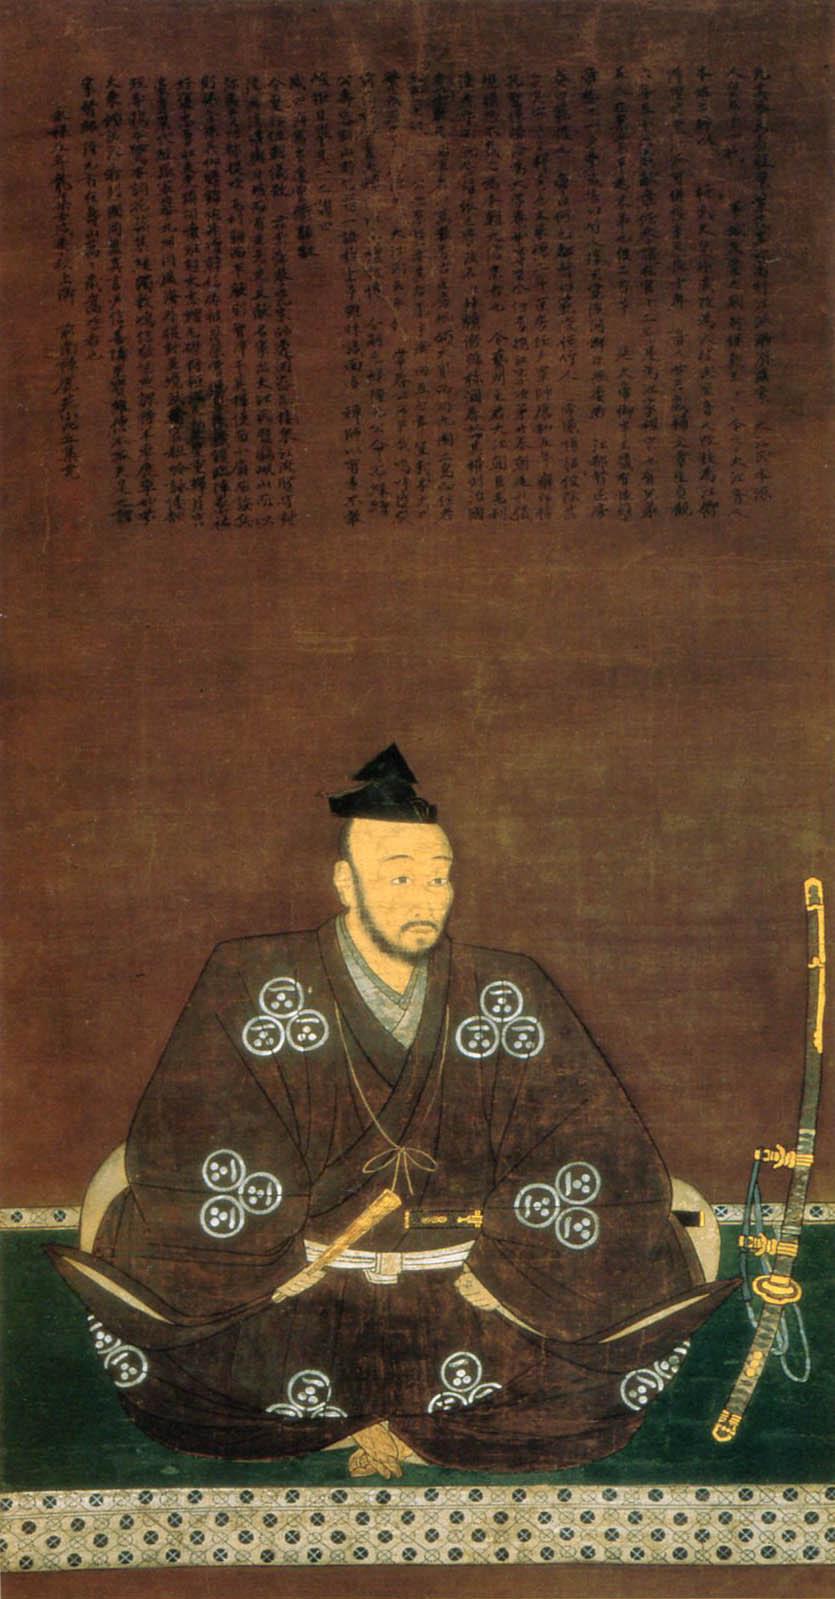 毛利元就寿像(山口県豊榮神社蔵)